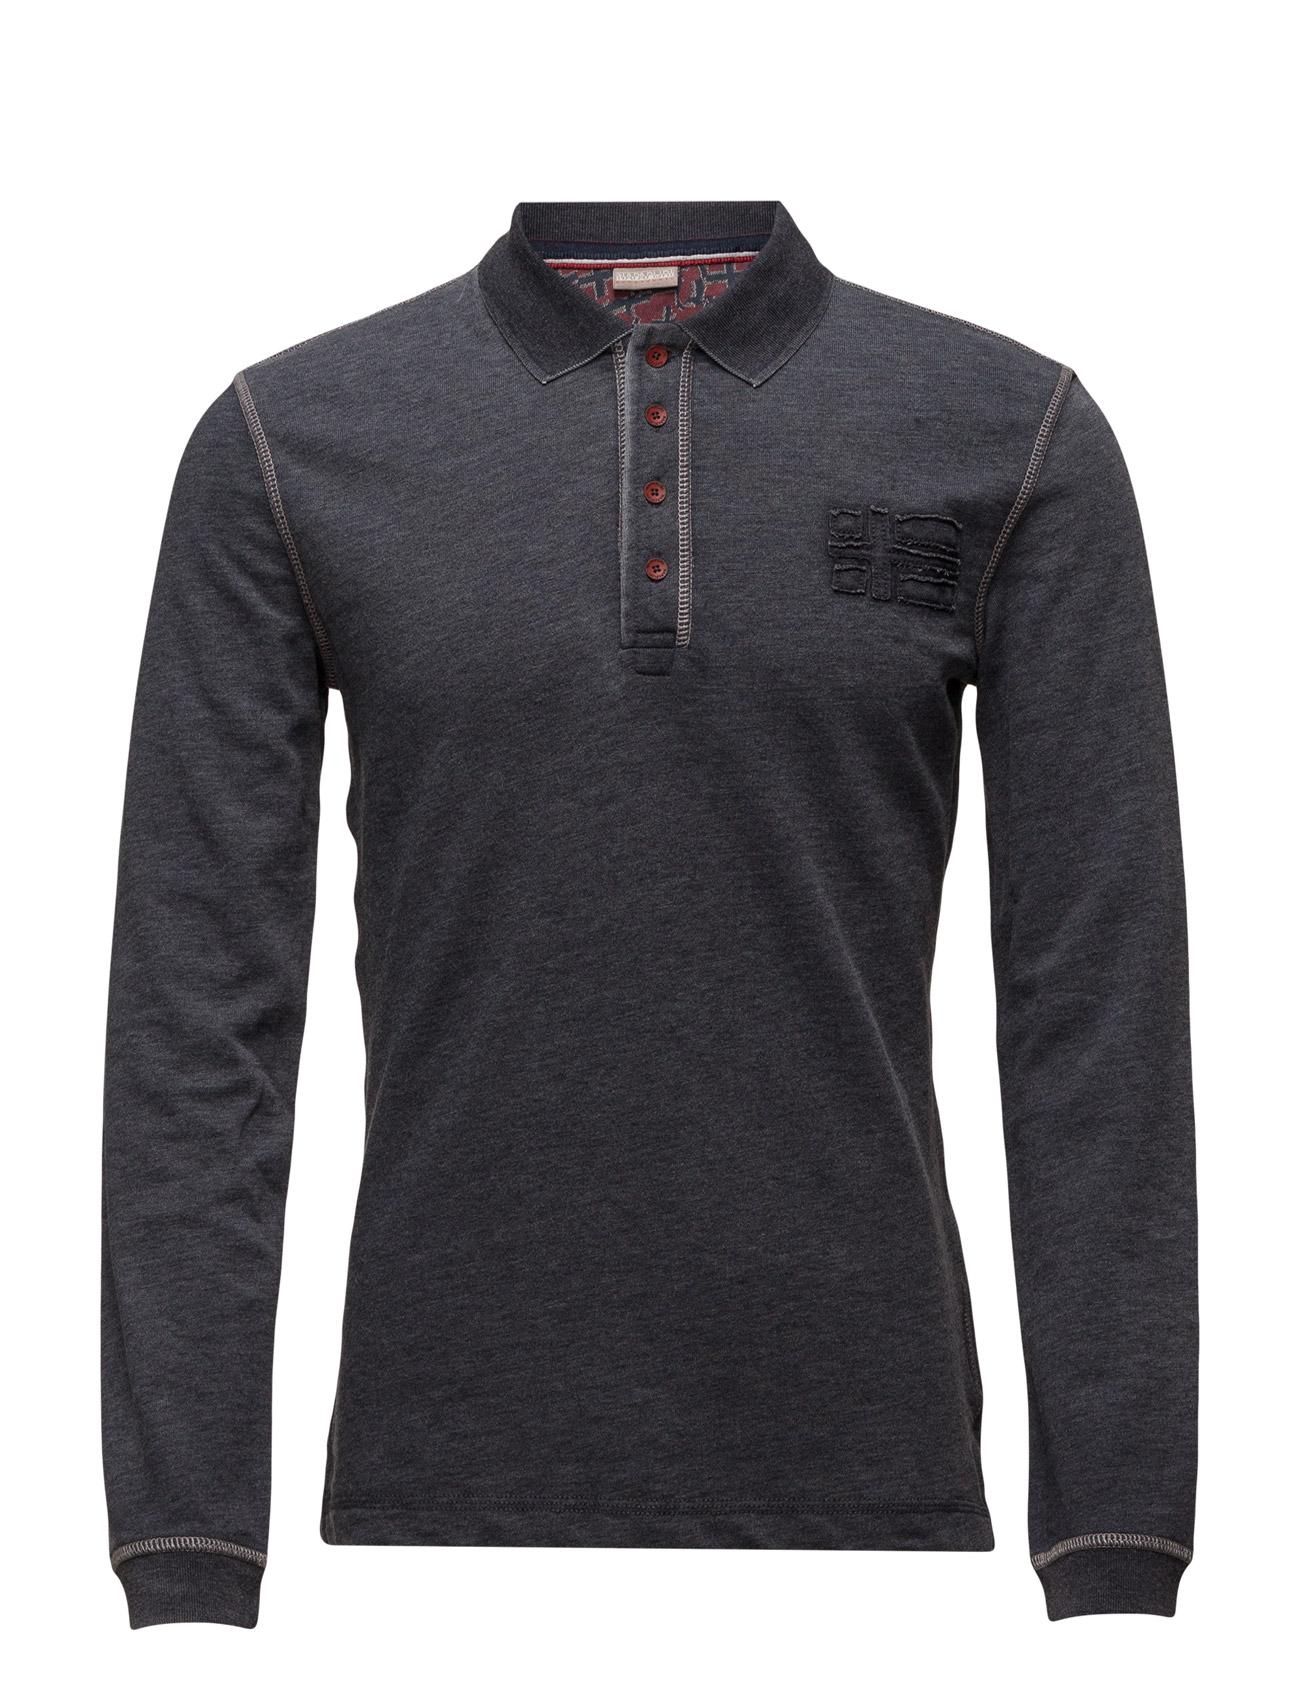 Etij Napapijri Længærmede polo t-shirts til Mænd i